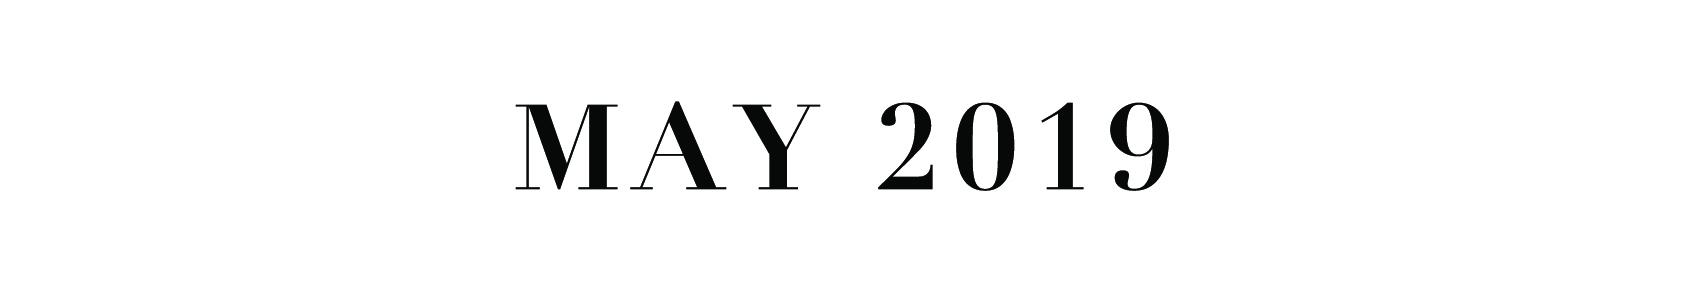 TPW 2019 MAY.jpg